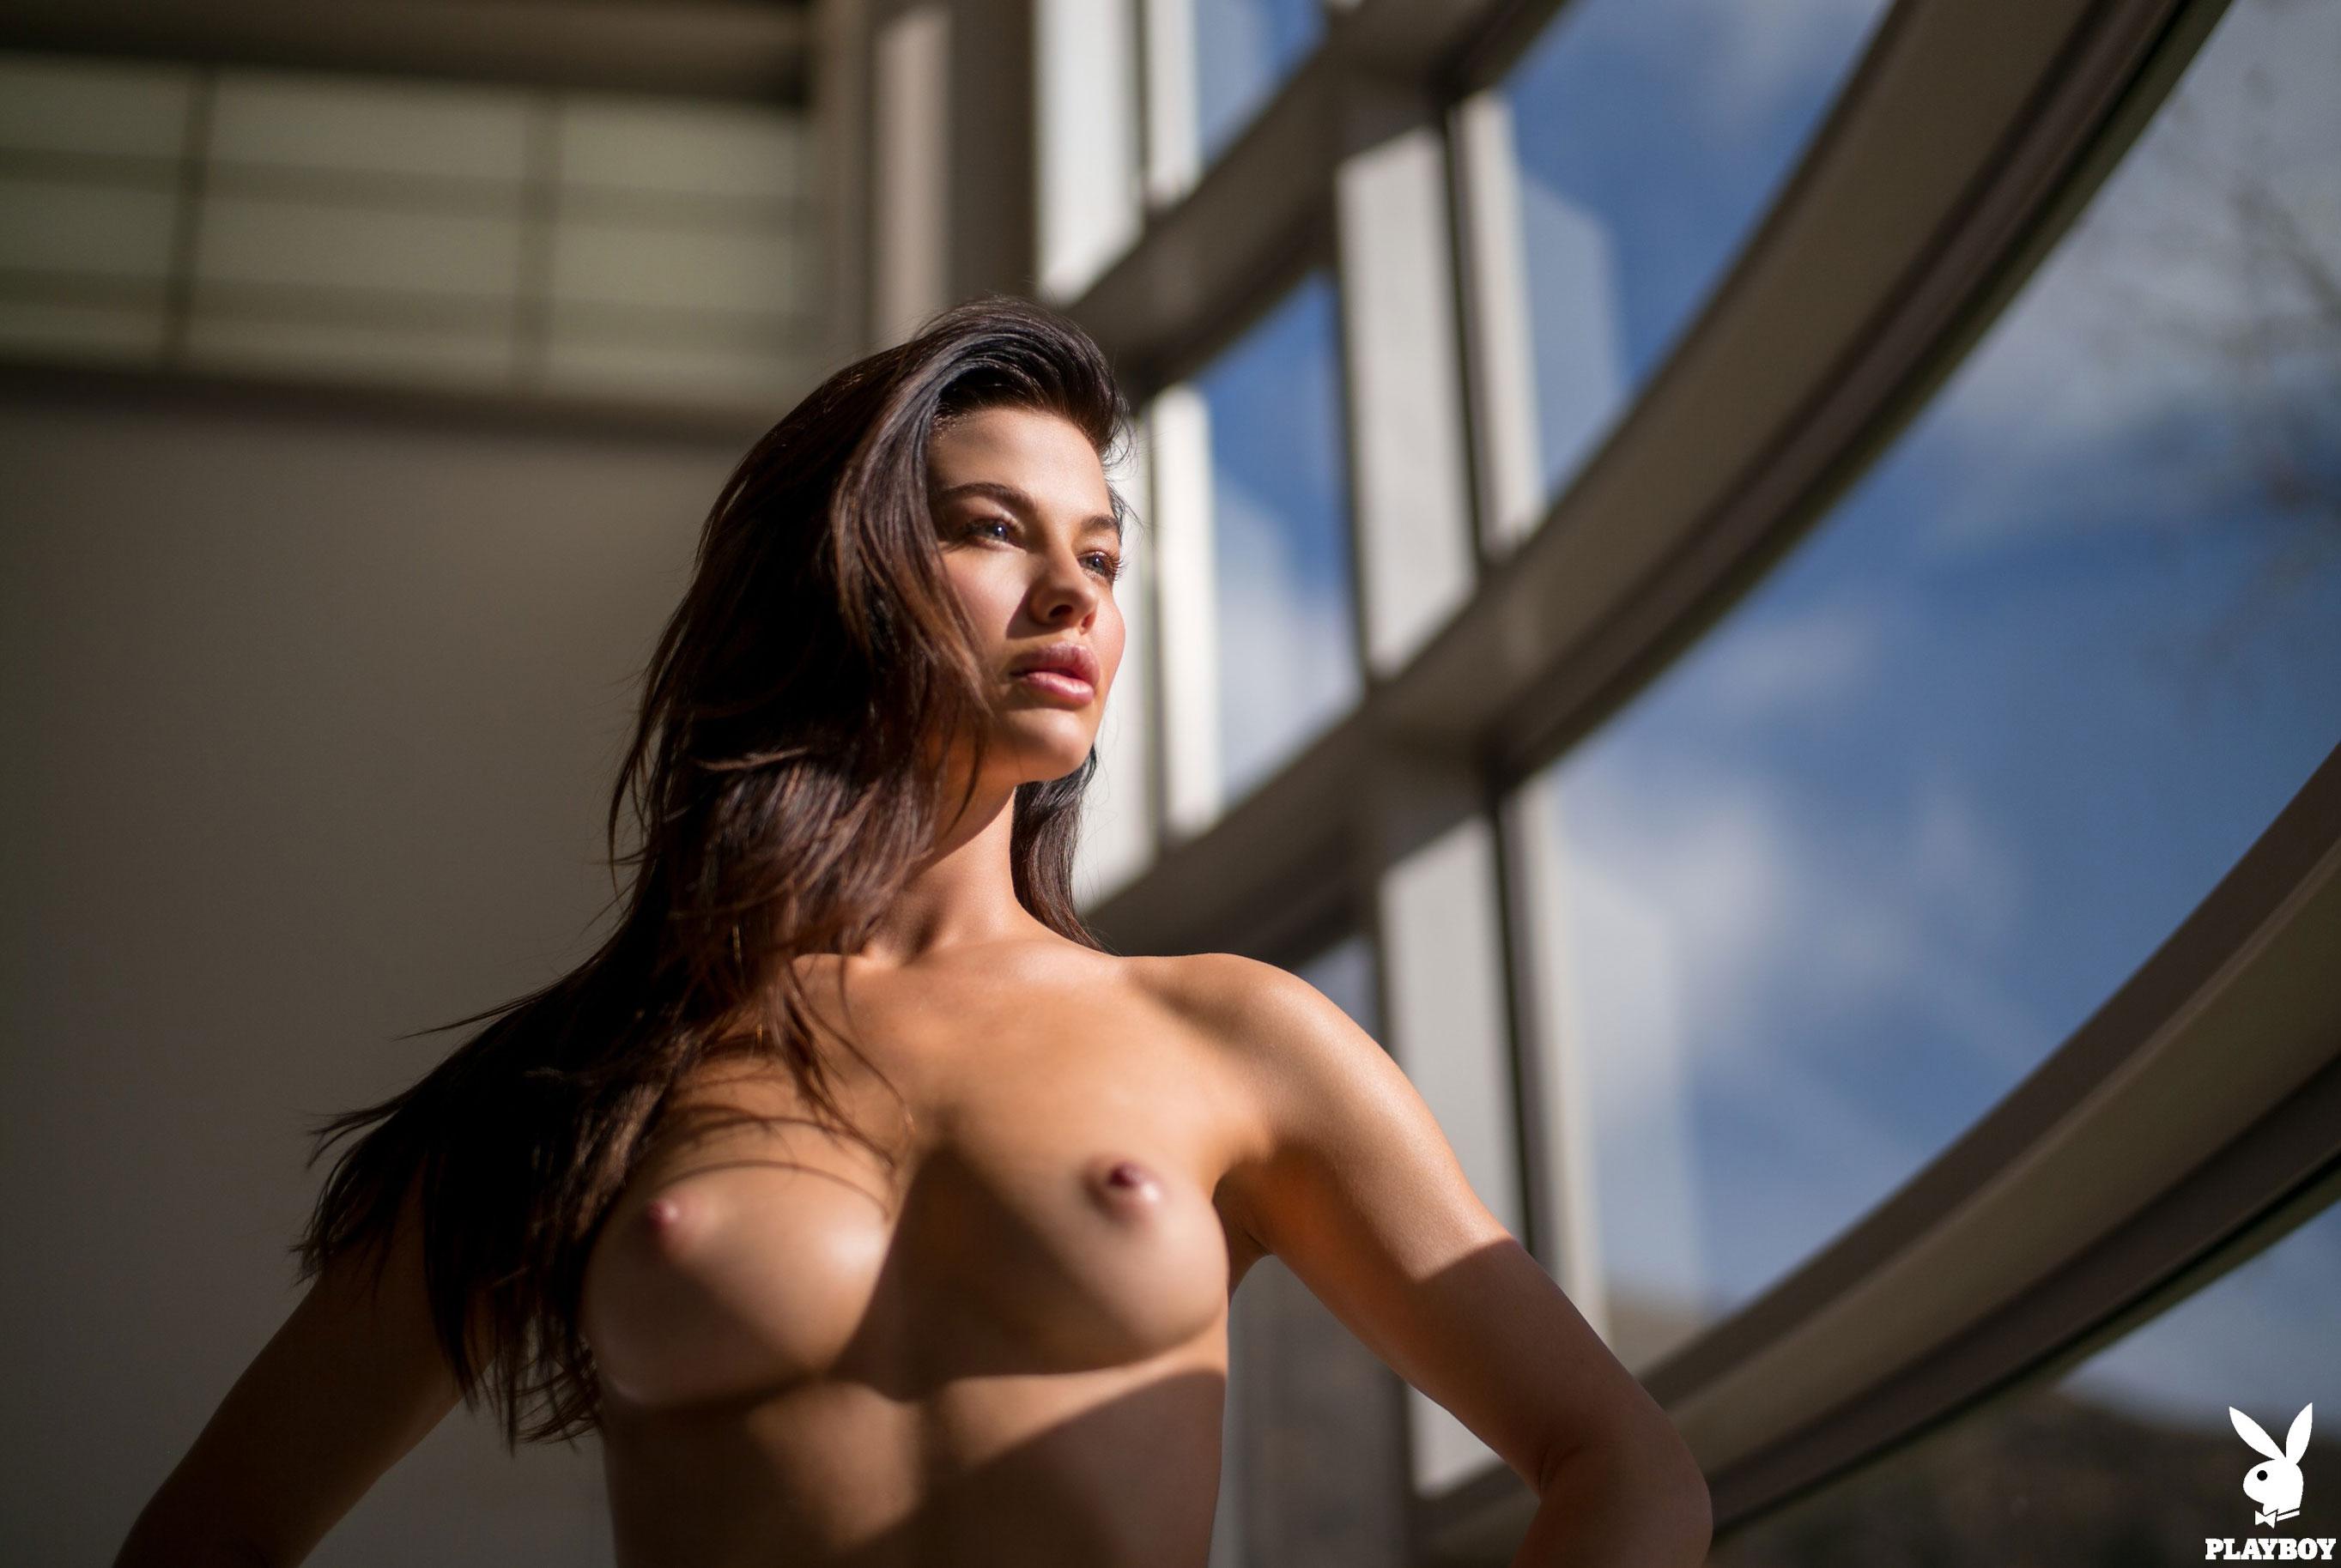 Девушка месяца Jenny Watwood / Playboy США, март 2018 / фото 16